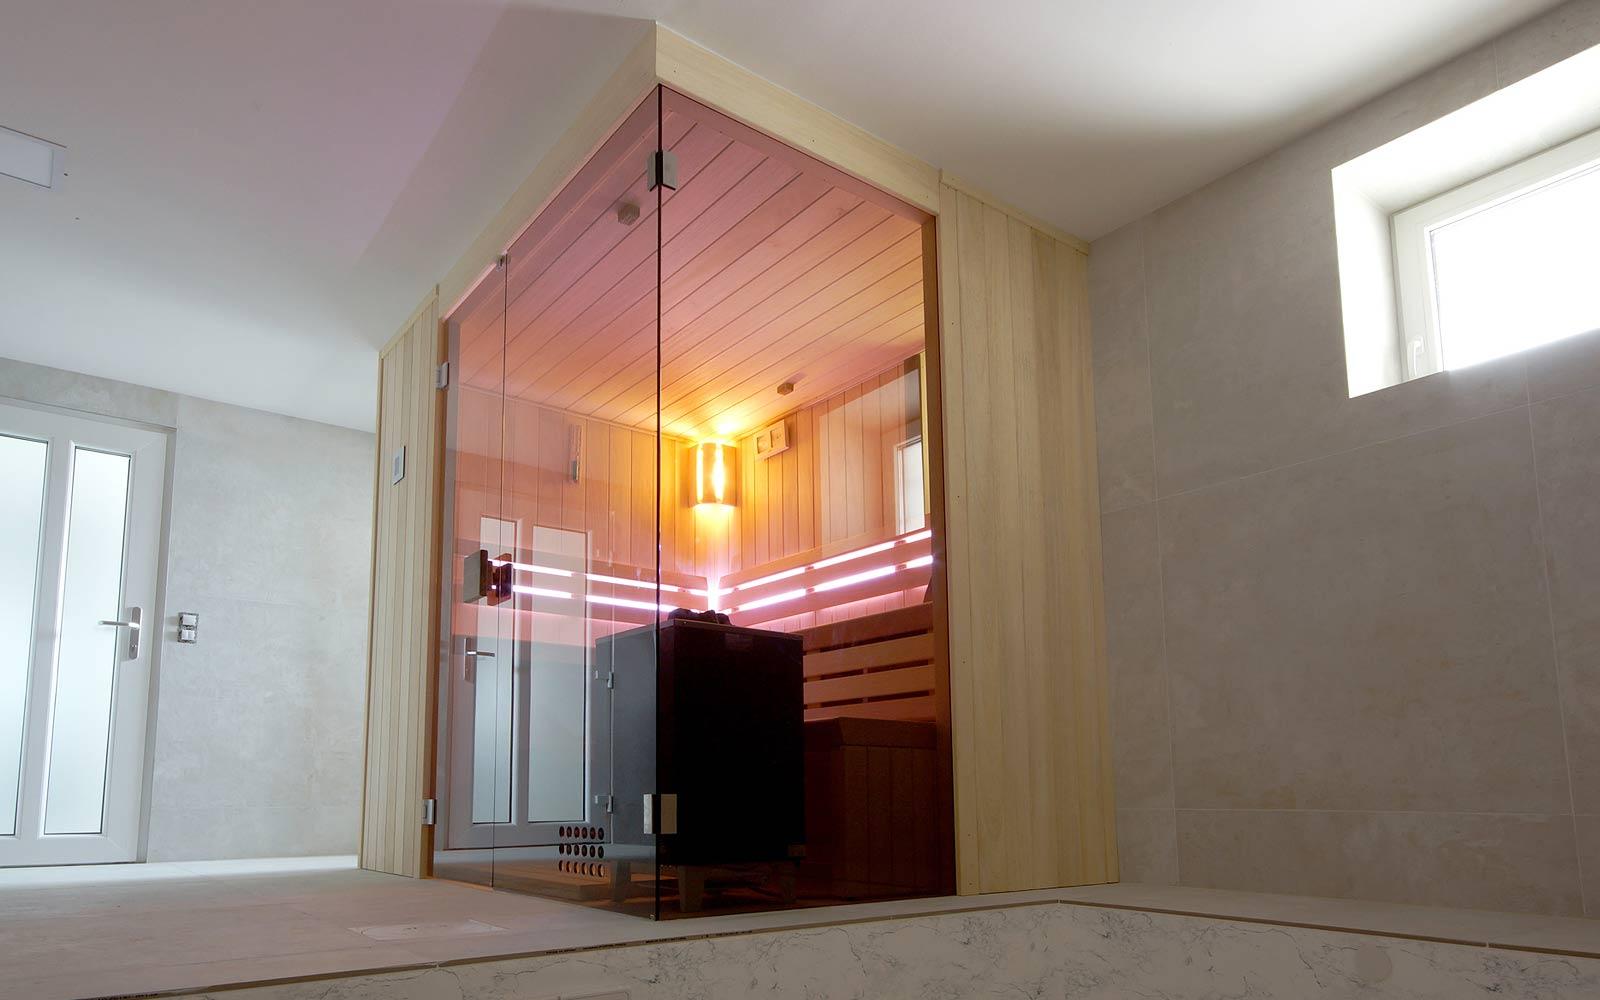 Saunujte se ve své vlastní domácí sauně